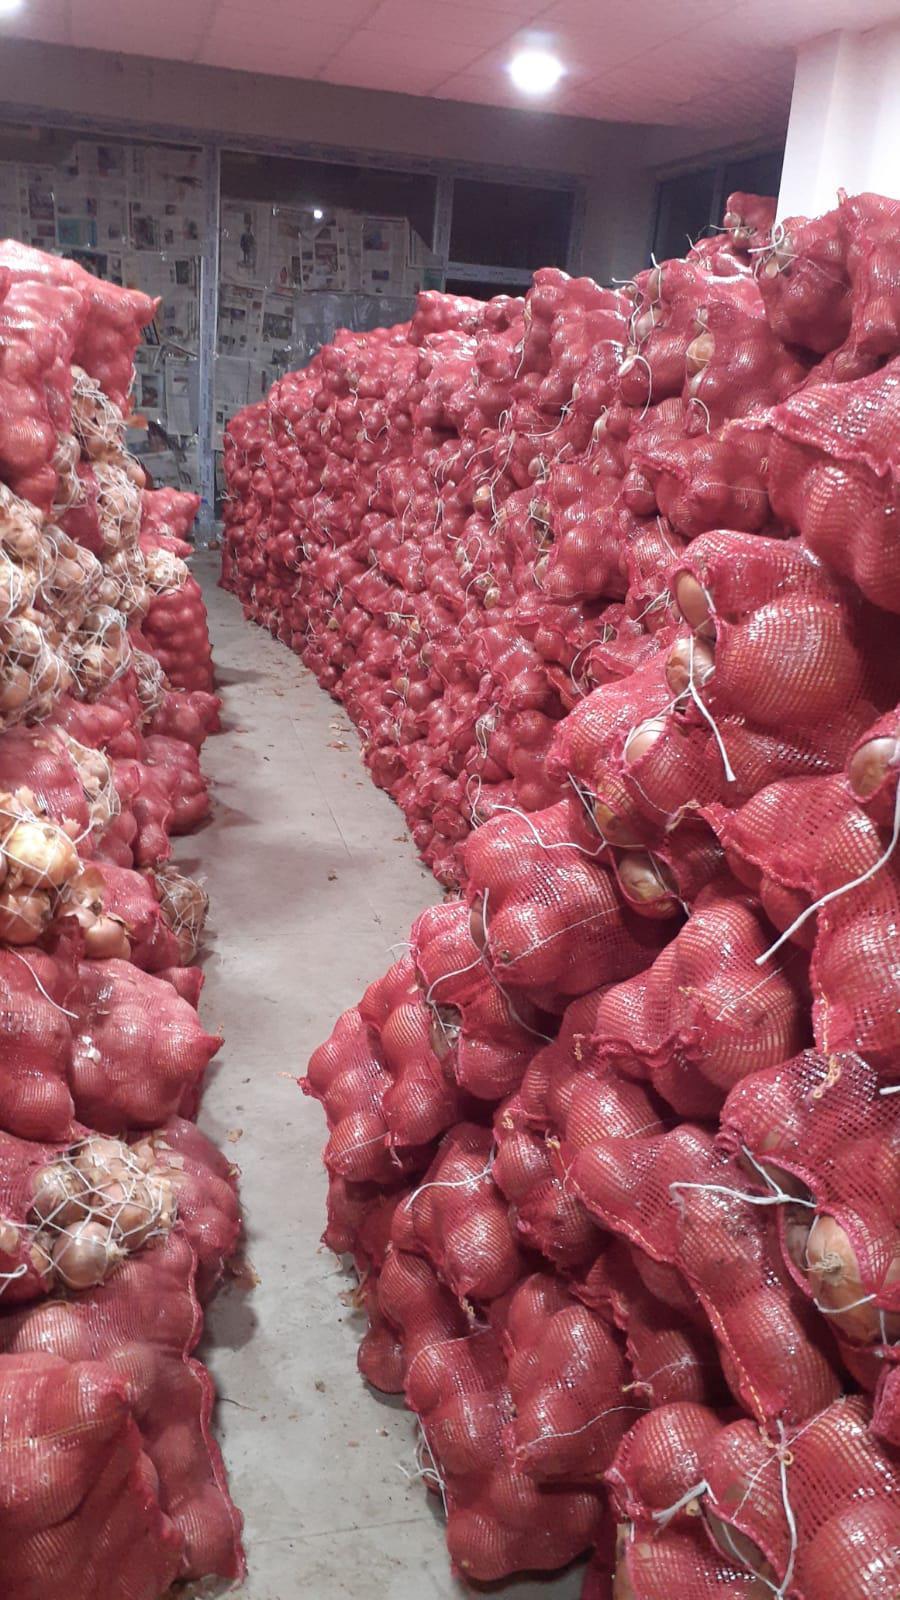 Kuru Soğan - Üretici Sönmez Tahtakılıc 1.9 tl fiyat ile 60.000 kilogram banko çeşidi kuru soğan satmak istiyor